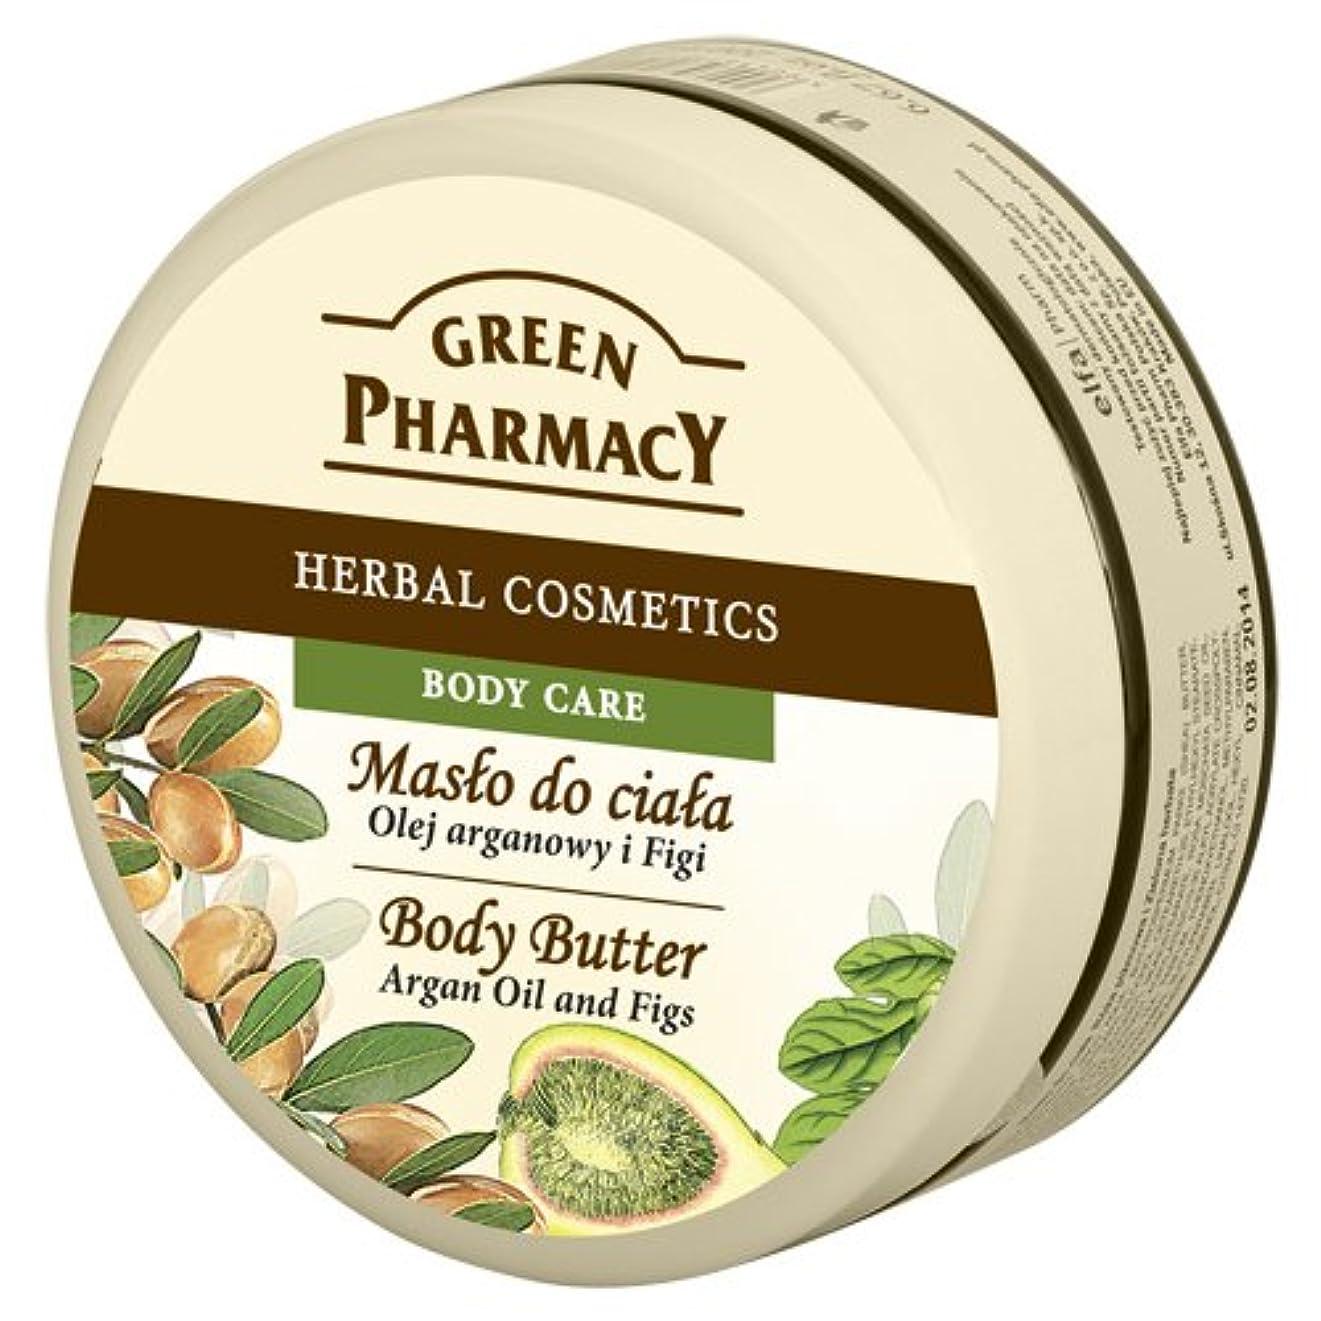 ウサギ達成泥沼Elfa Pharm Green Pharmacy グリーンファーマシー Body Butter ボディバター Argan Oil and Figs